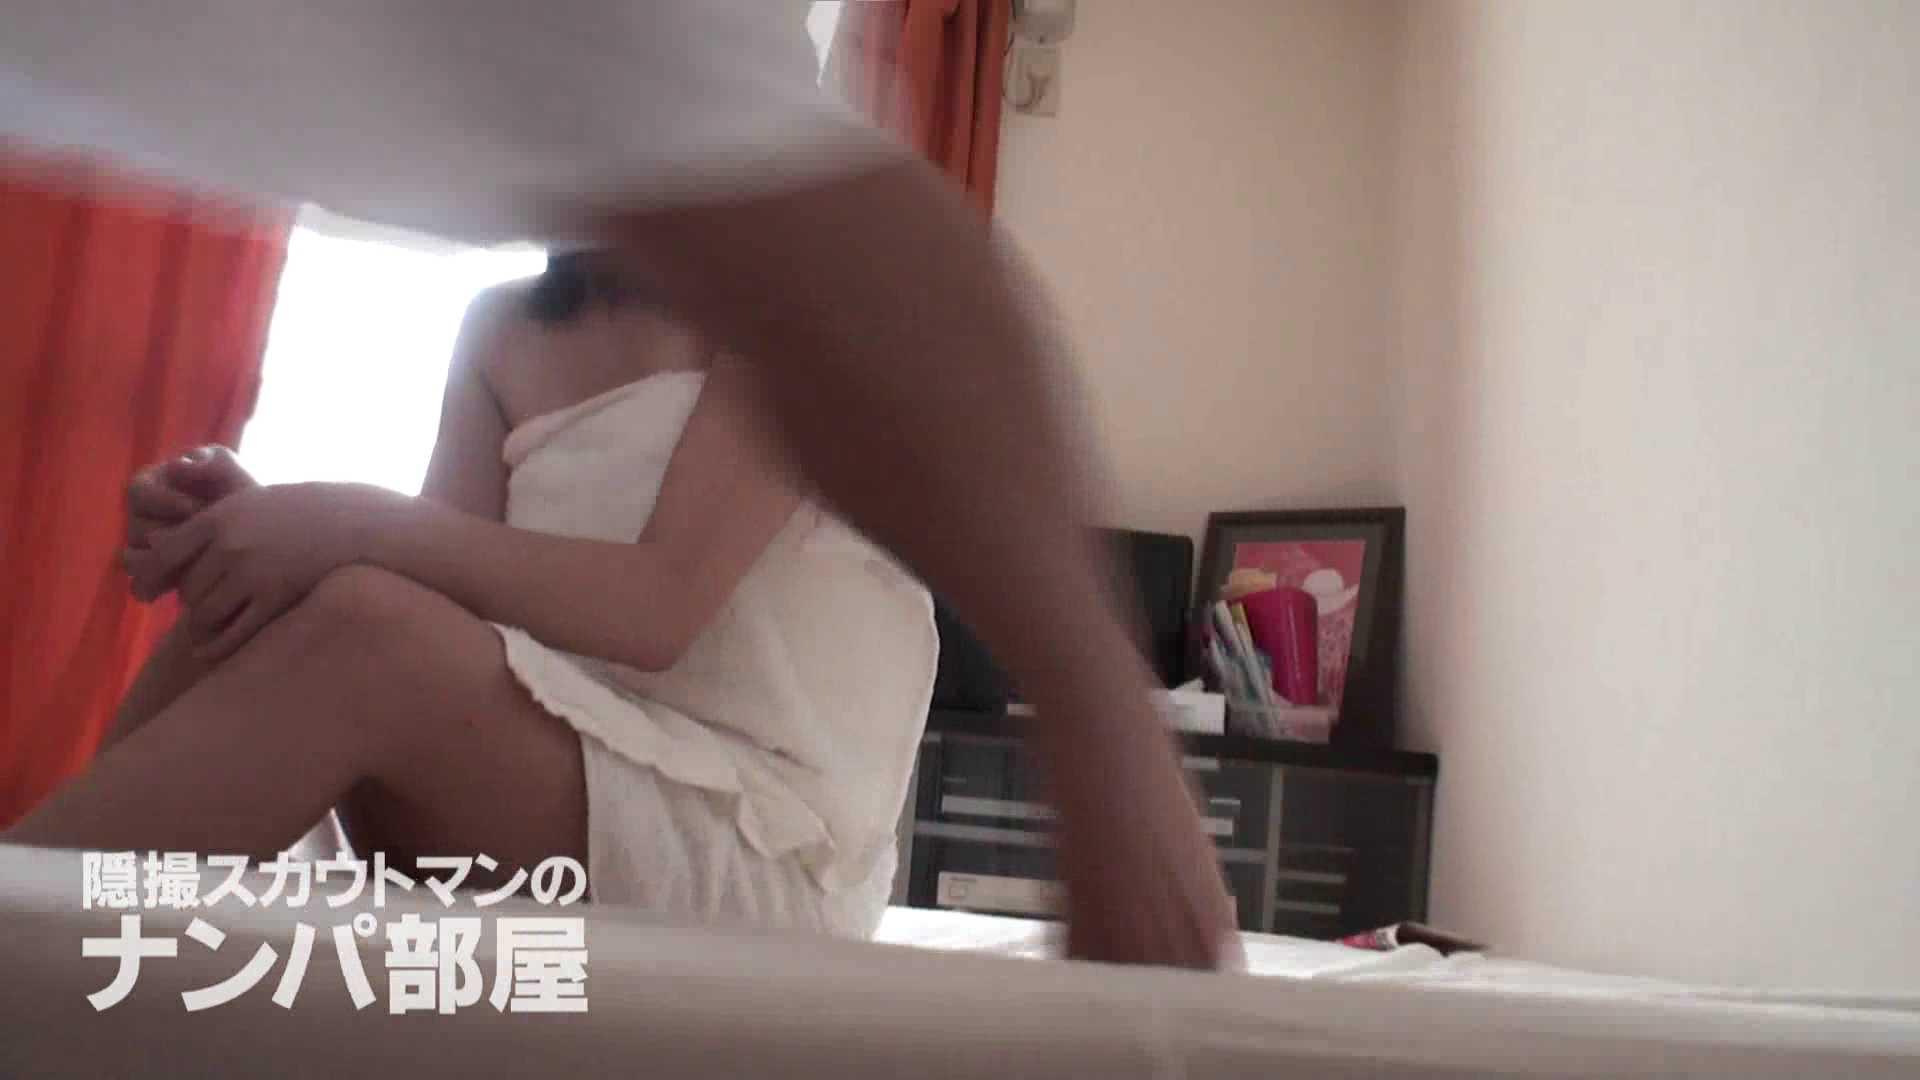 隠撮スカウトマンのナンパ部屋~風俗デビュー前のつまみ食い~ sii 0   0  104画像 64